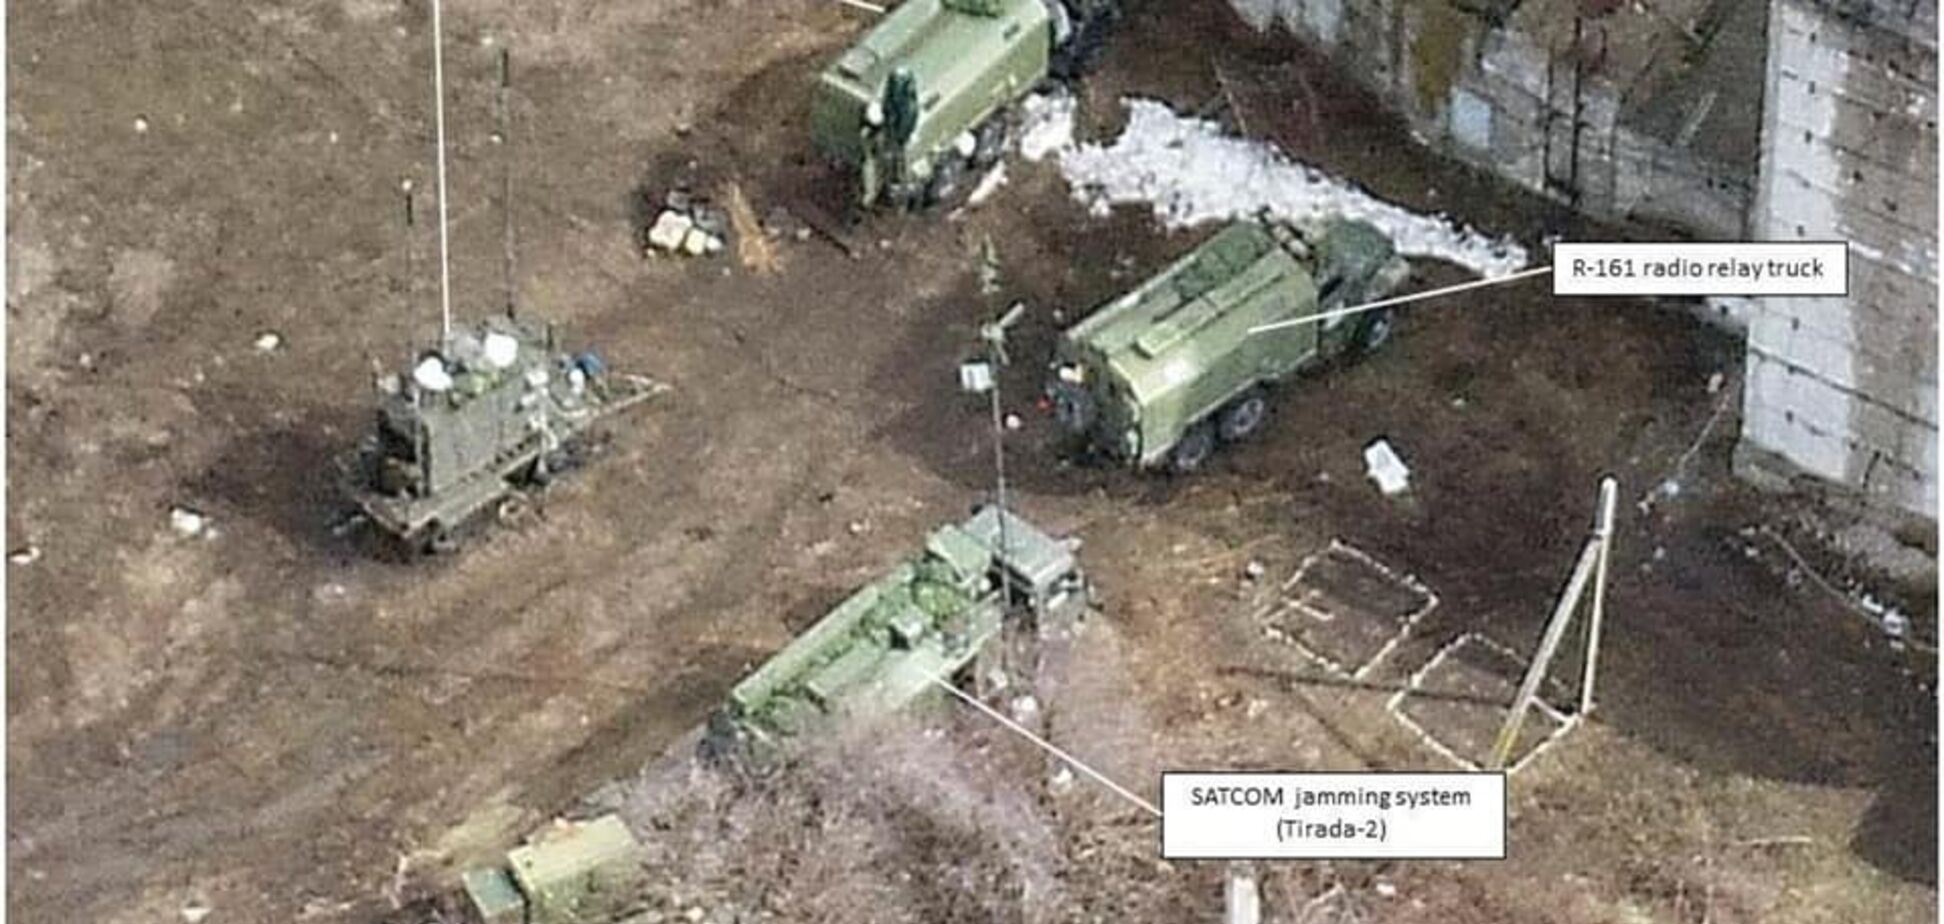 'Гражданская' война? На Донбассе засекли российскую военную технику